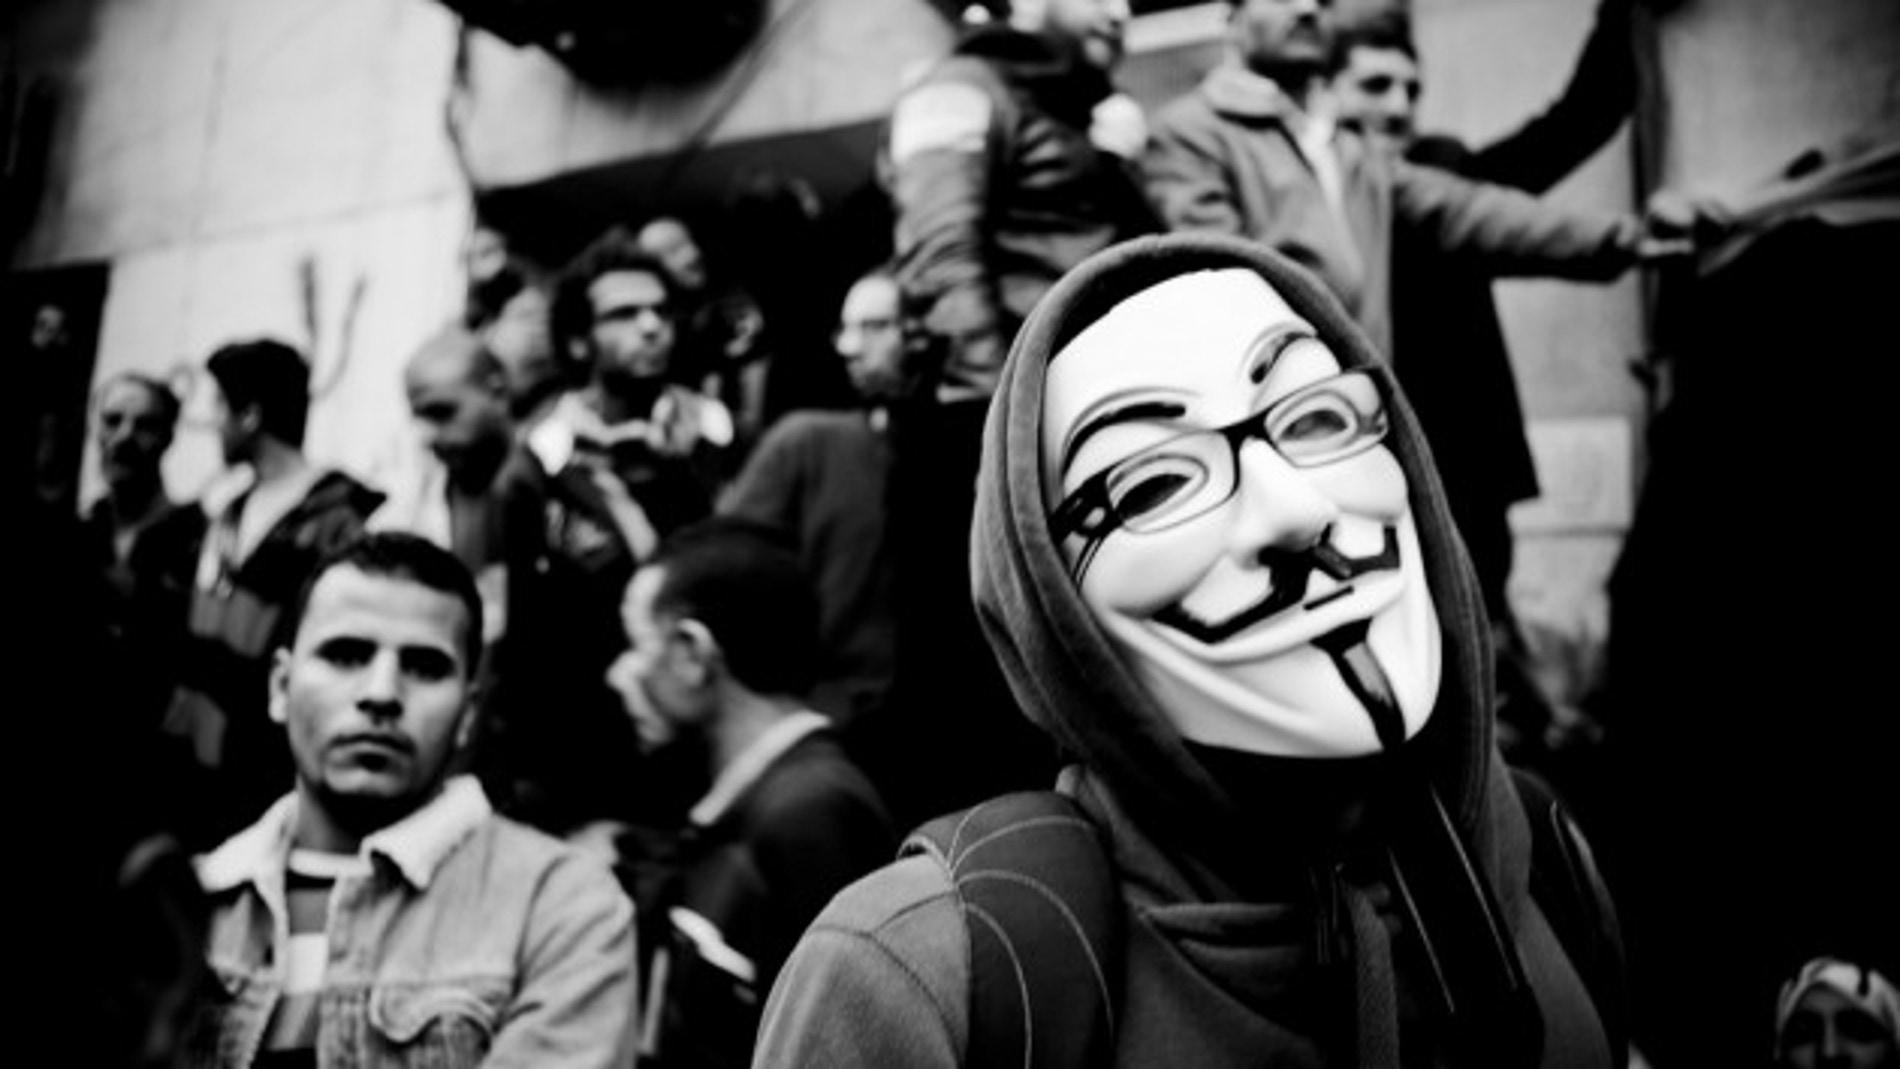 Una imagen de la Primavera Árabe en Egipto